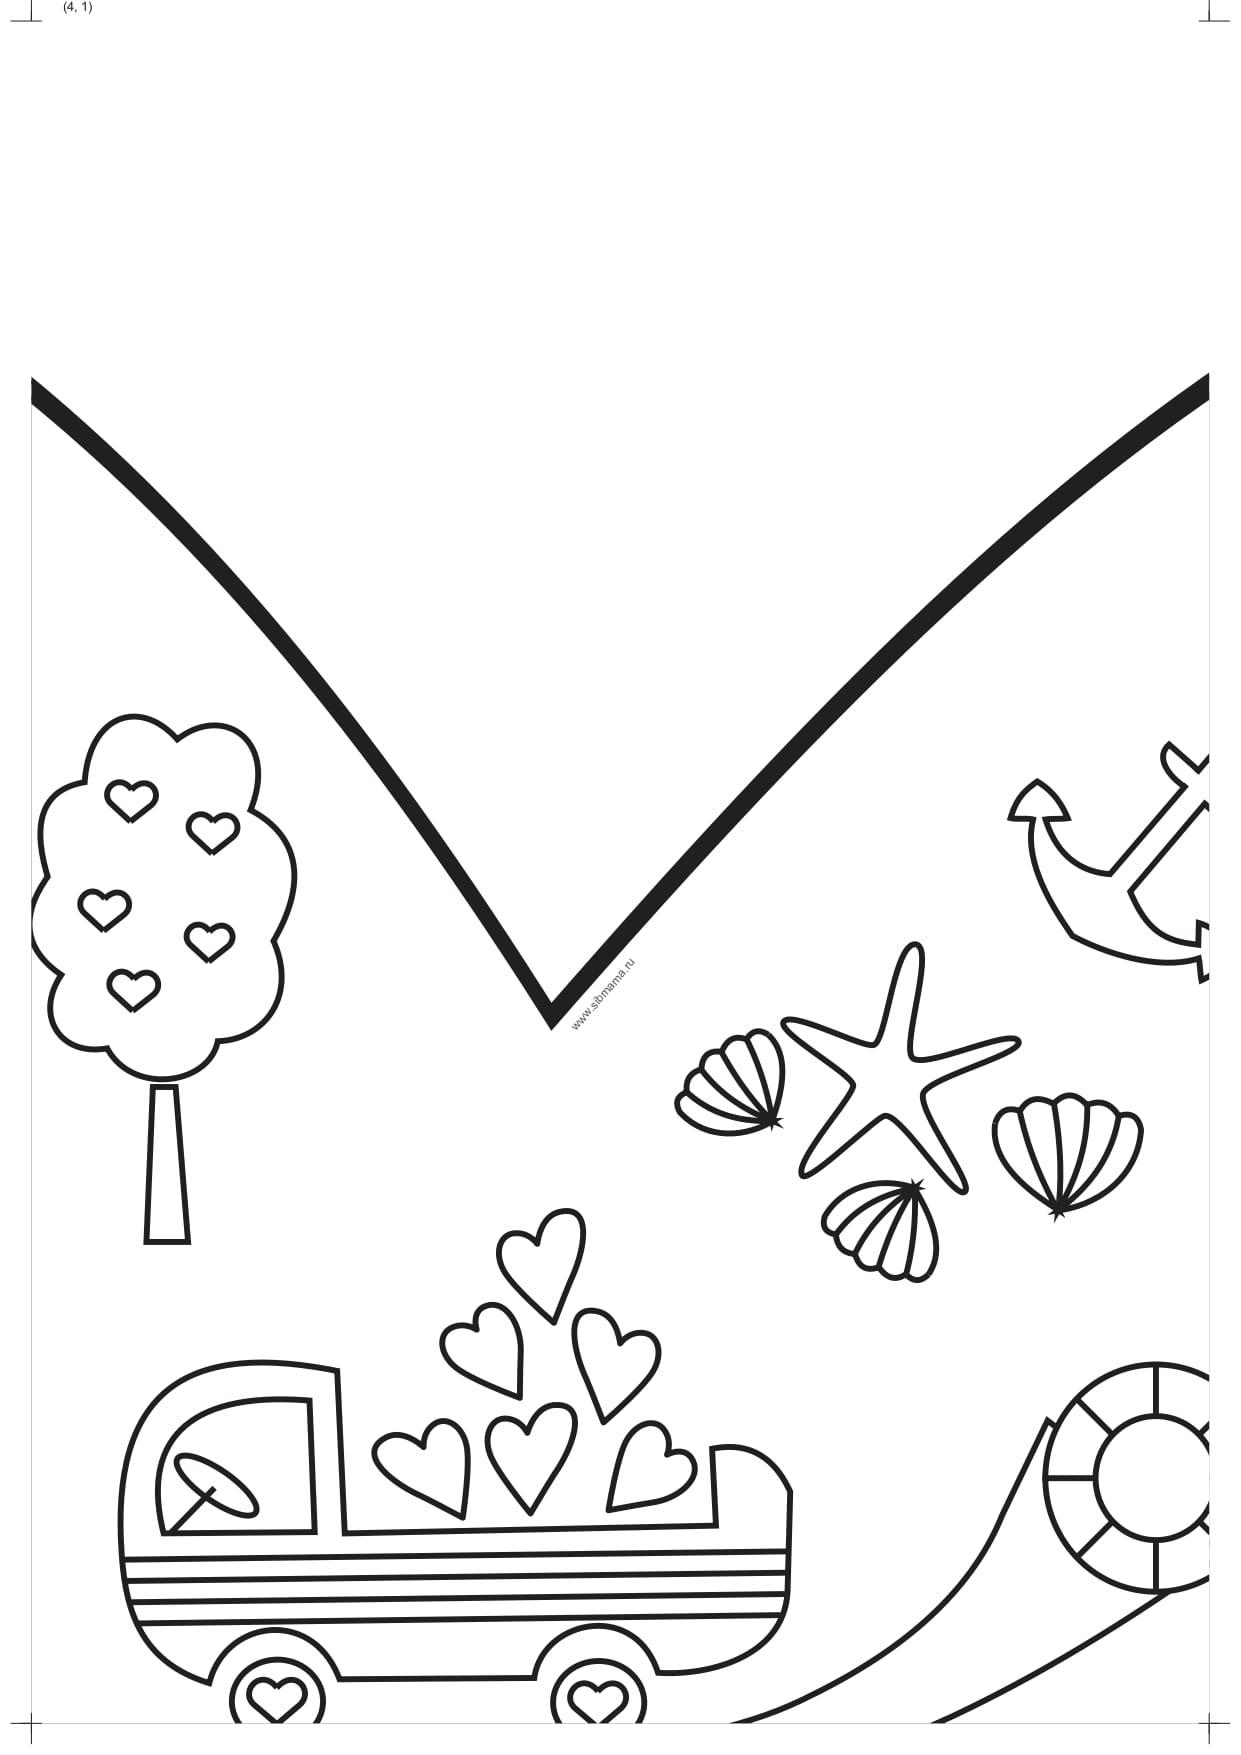 Скачать и распечатать раскраску-плакат на стену Сердце